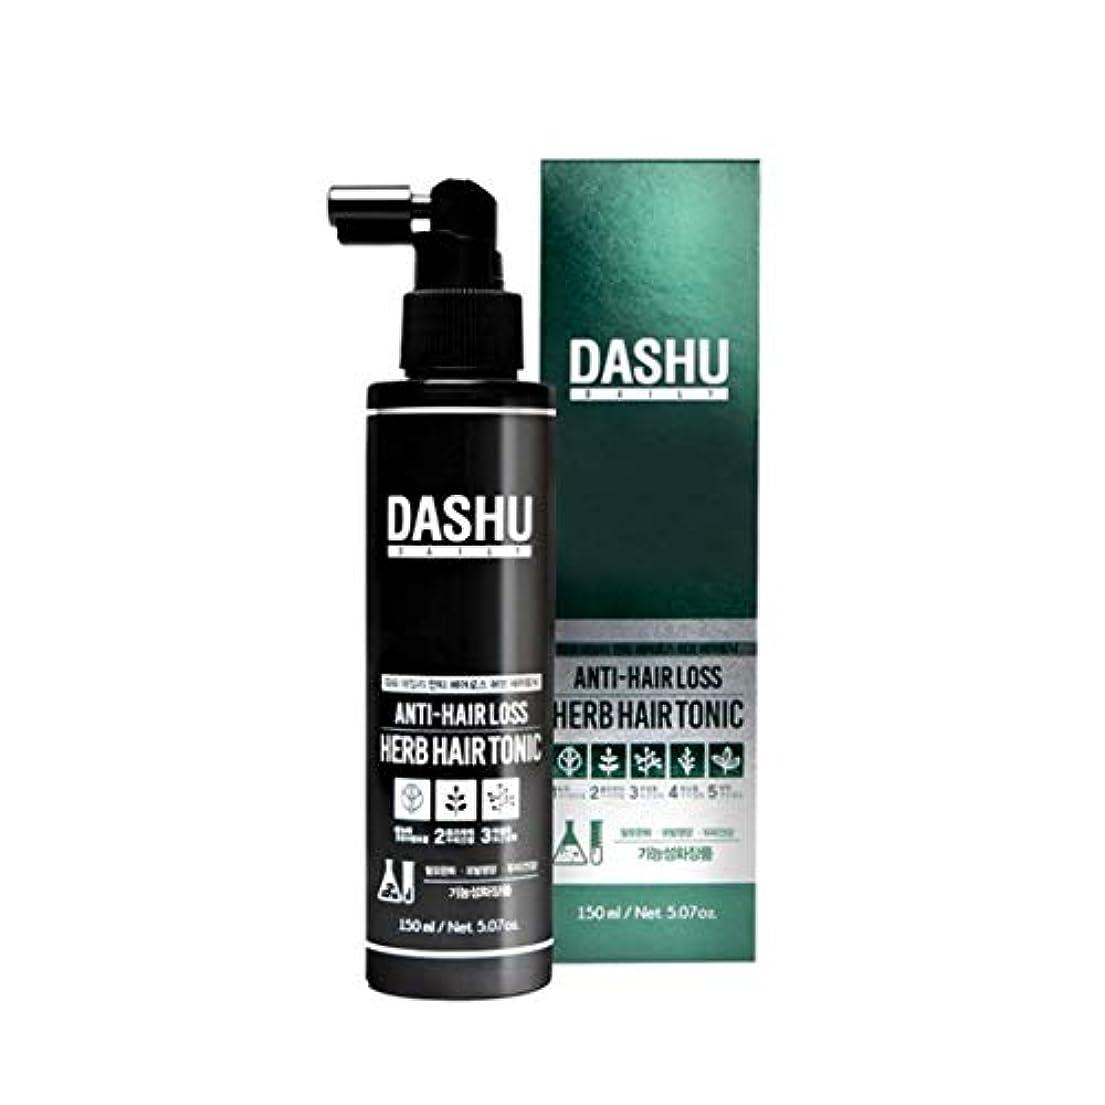 騒州慈善ダシュデイリーアンチヘアロスハブヘアトニック150ml韓国コスメ、Dashu Daily Anti-Hair Loss Herb Hair Tonic 150ml Korean Cosmetics {並行輸入品]